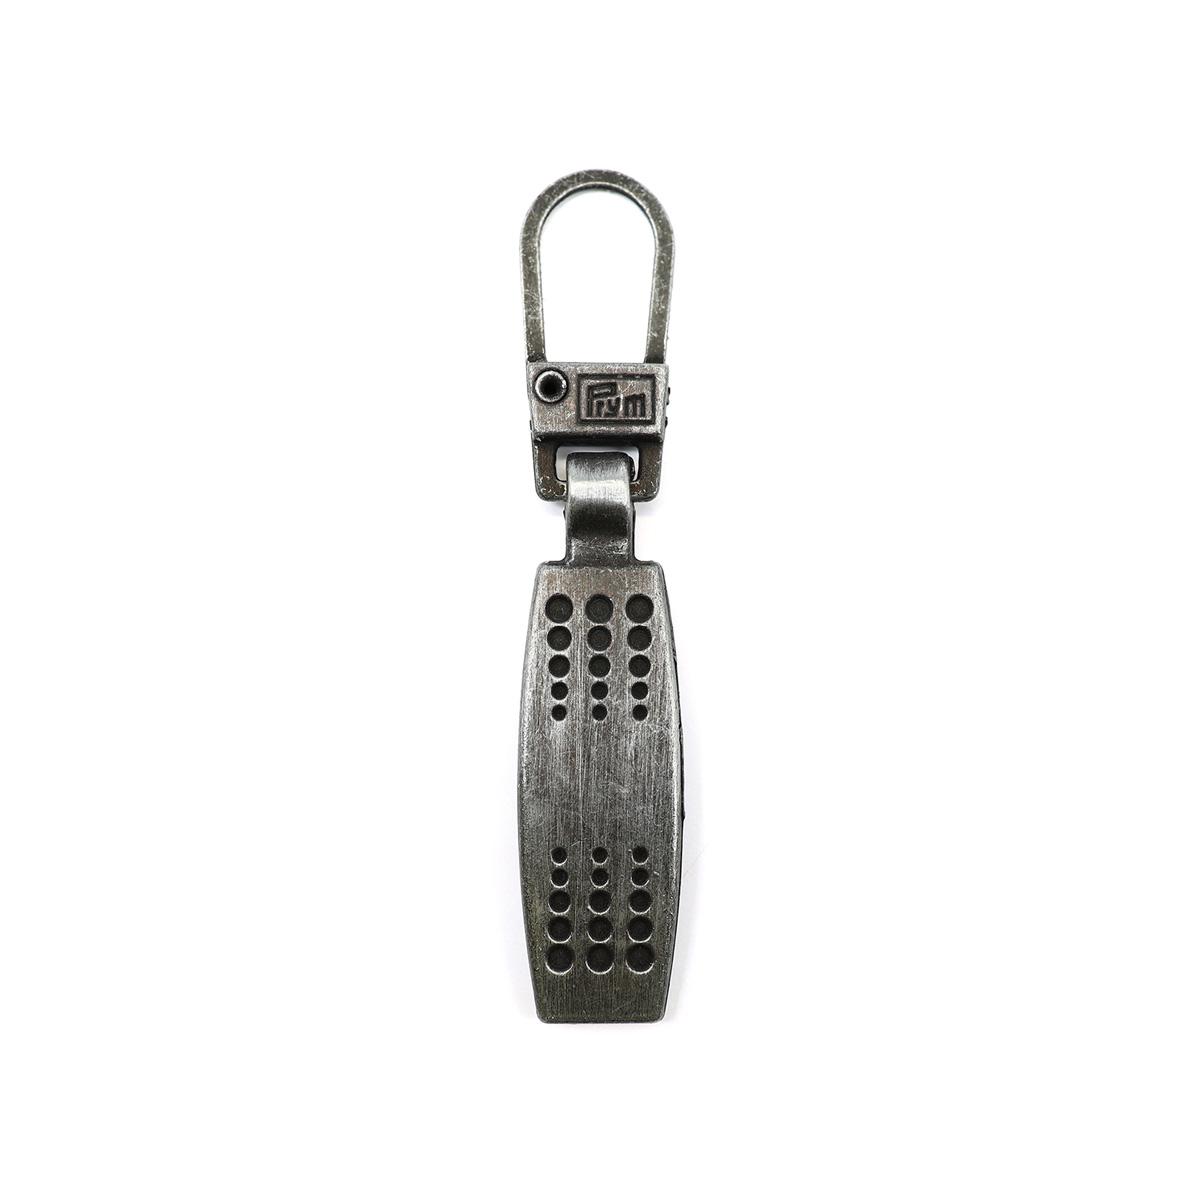 482131 Подвеска для молний (матрица), металл, черный, Prym